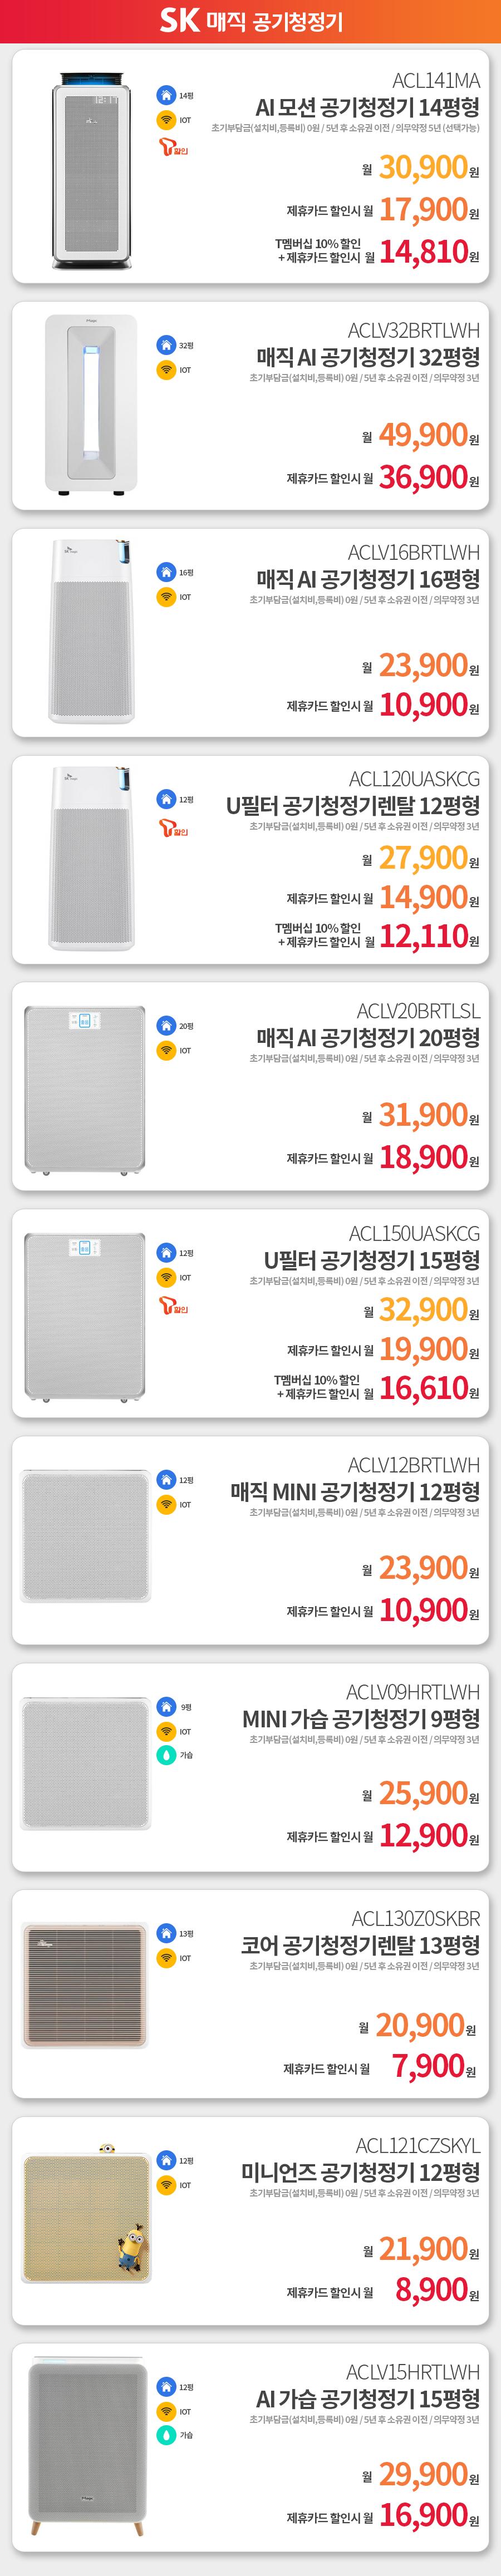 공기청정기.png